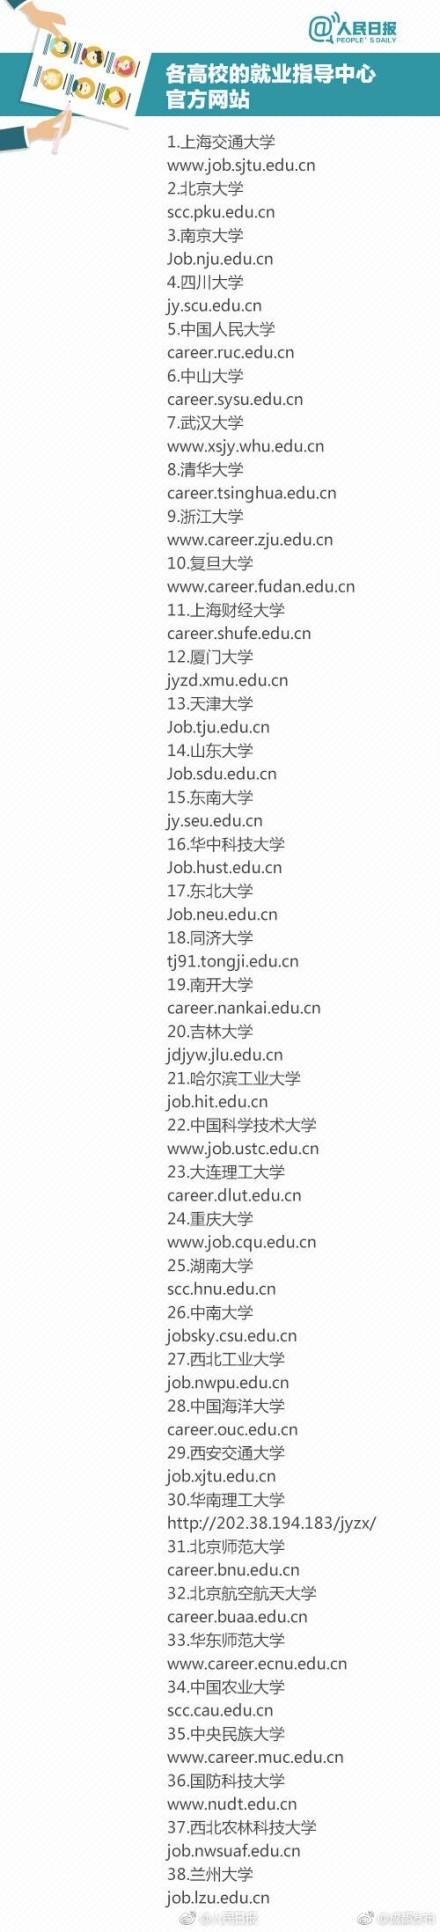 毕业生转起!这些网站找工作时用得上![威武